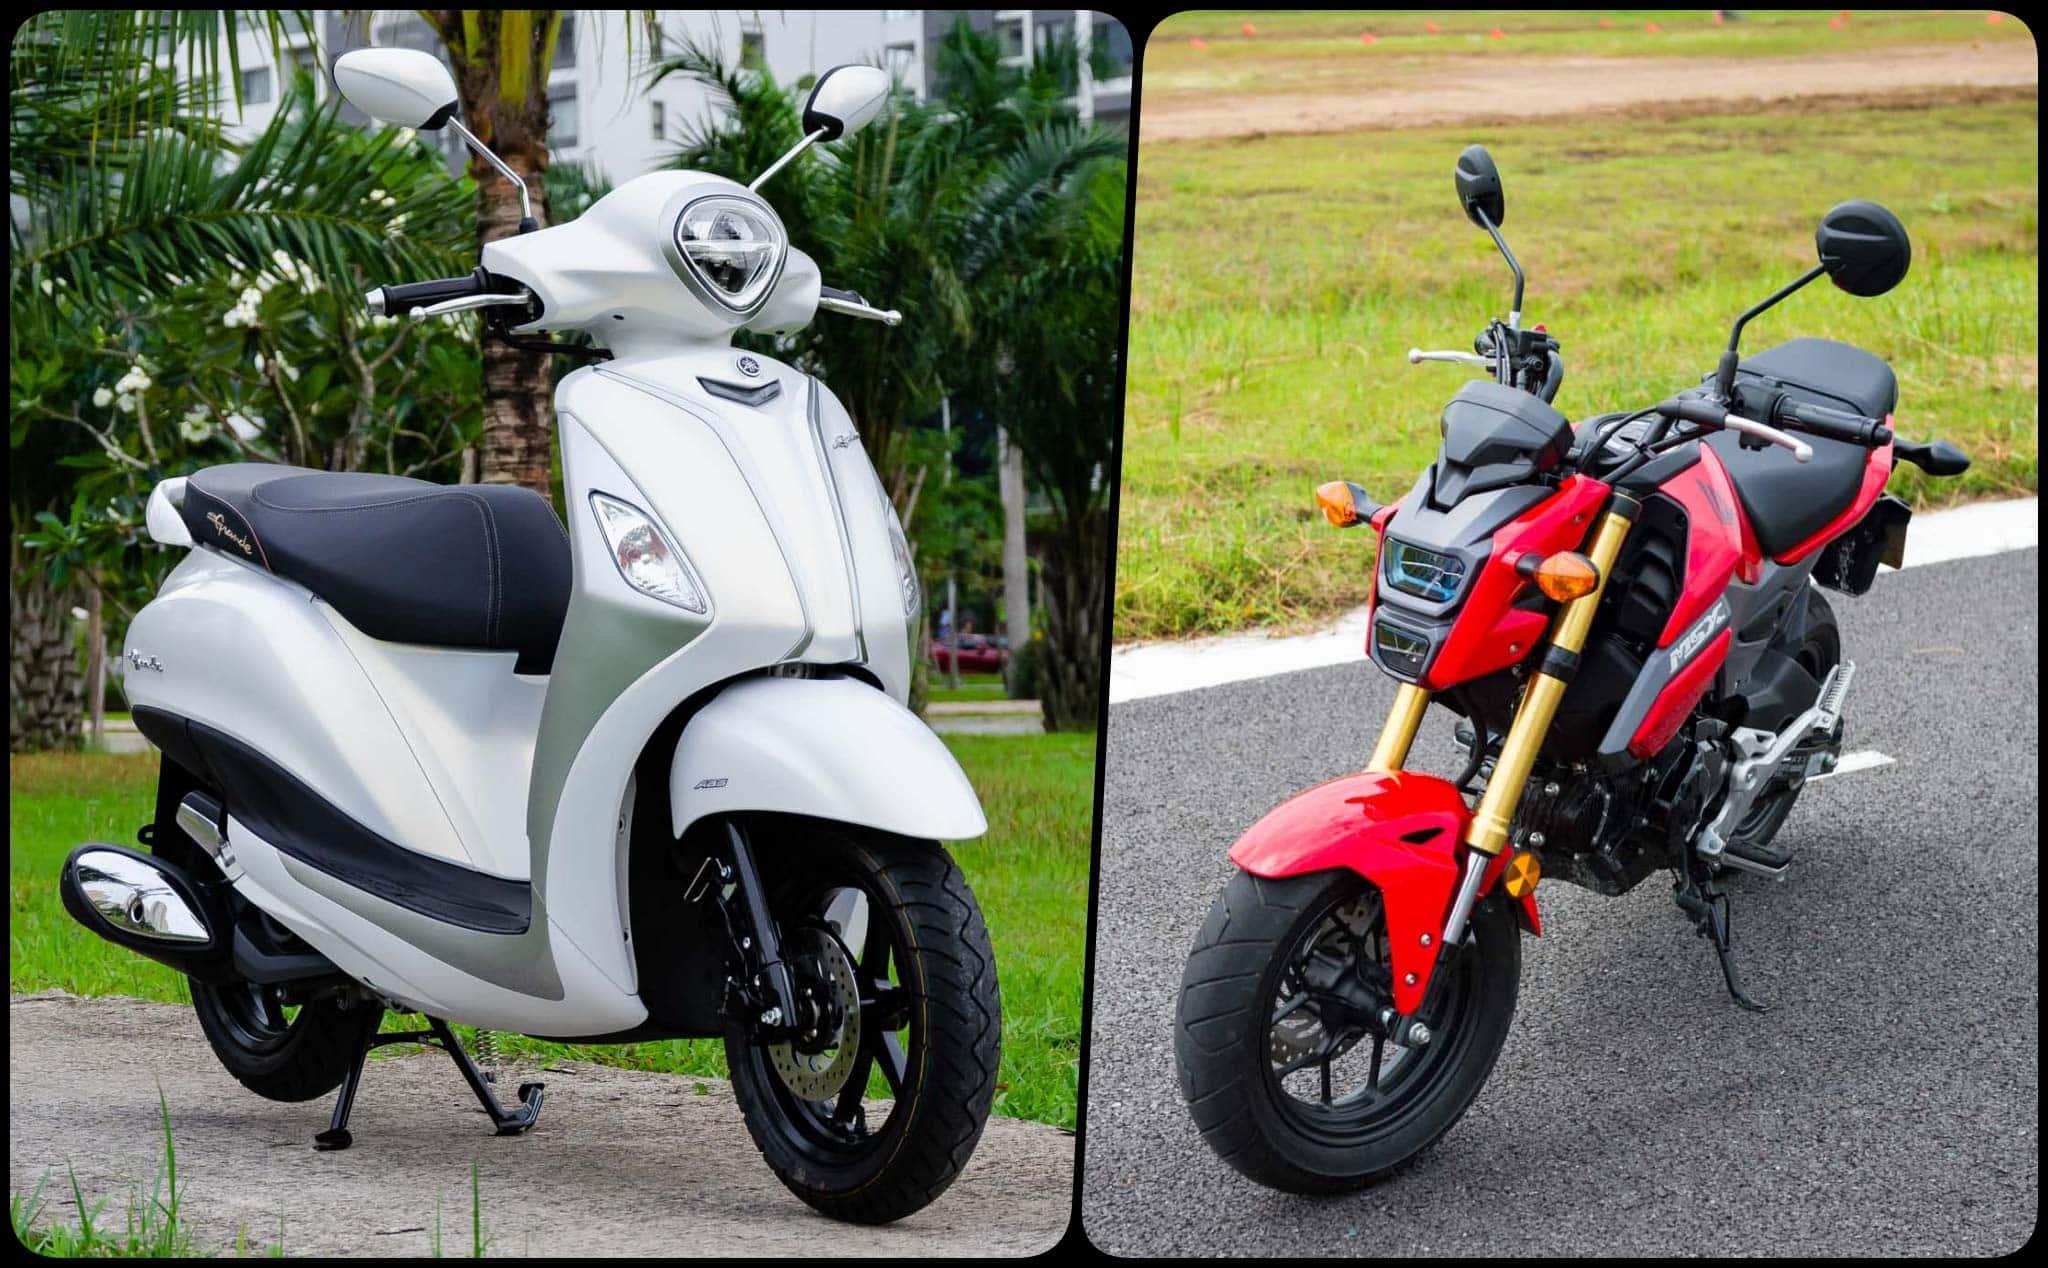 Tổng hợp các mẫu xe máy có mức tiêu hao nhiên liệu vừa được dán nhãn theo quy định mới | Tinh tế